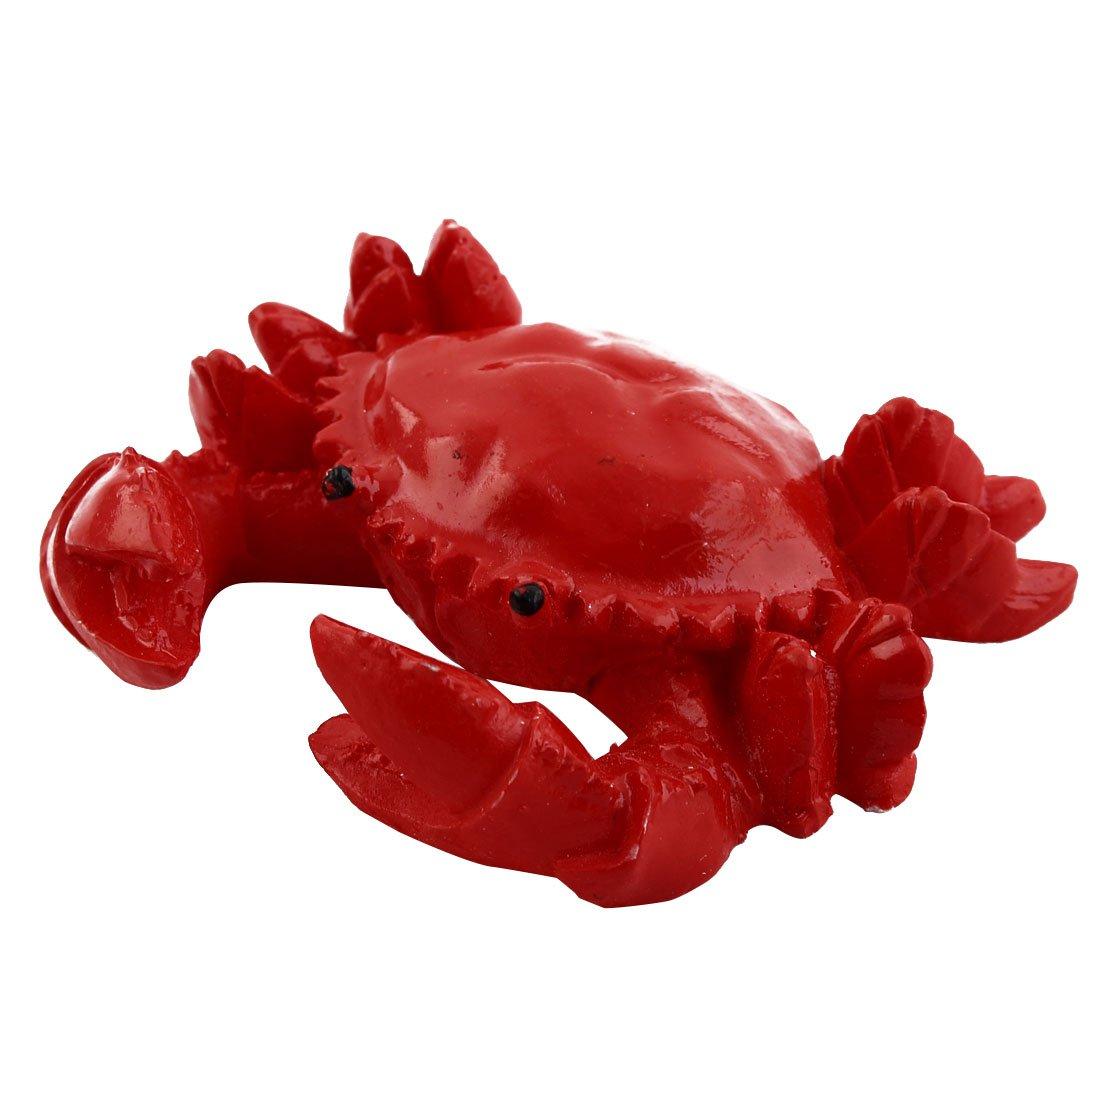 sourcing map Tanque de Peces de Acuario Submarino de cerámica de diseño de Cangrejo Rojo Ornamento Animal Artificial: Amazon.es: Productos para mascotas